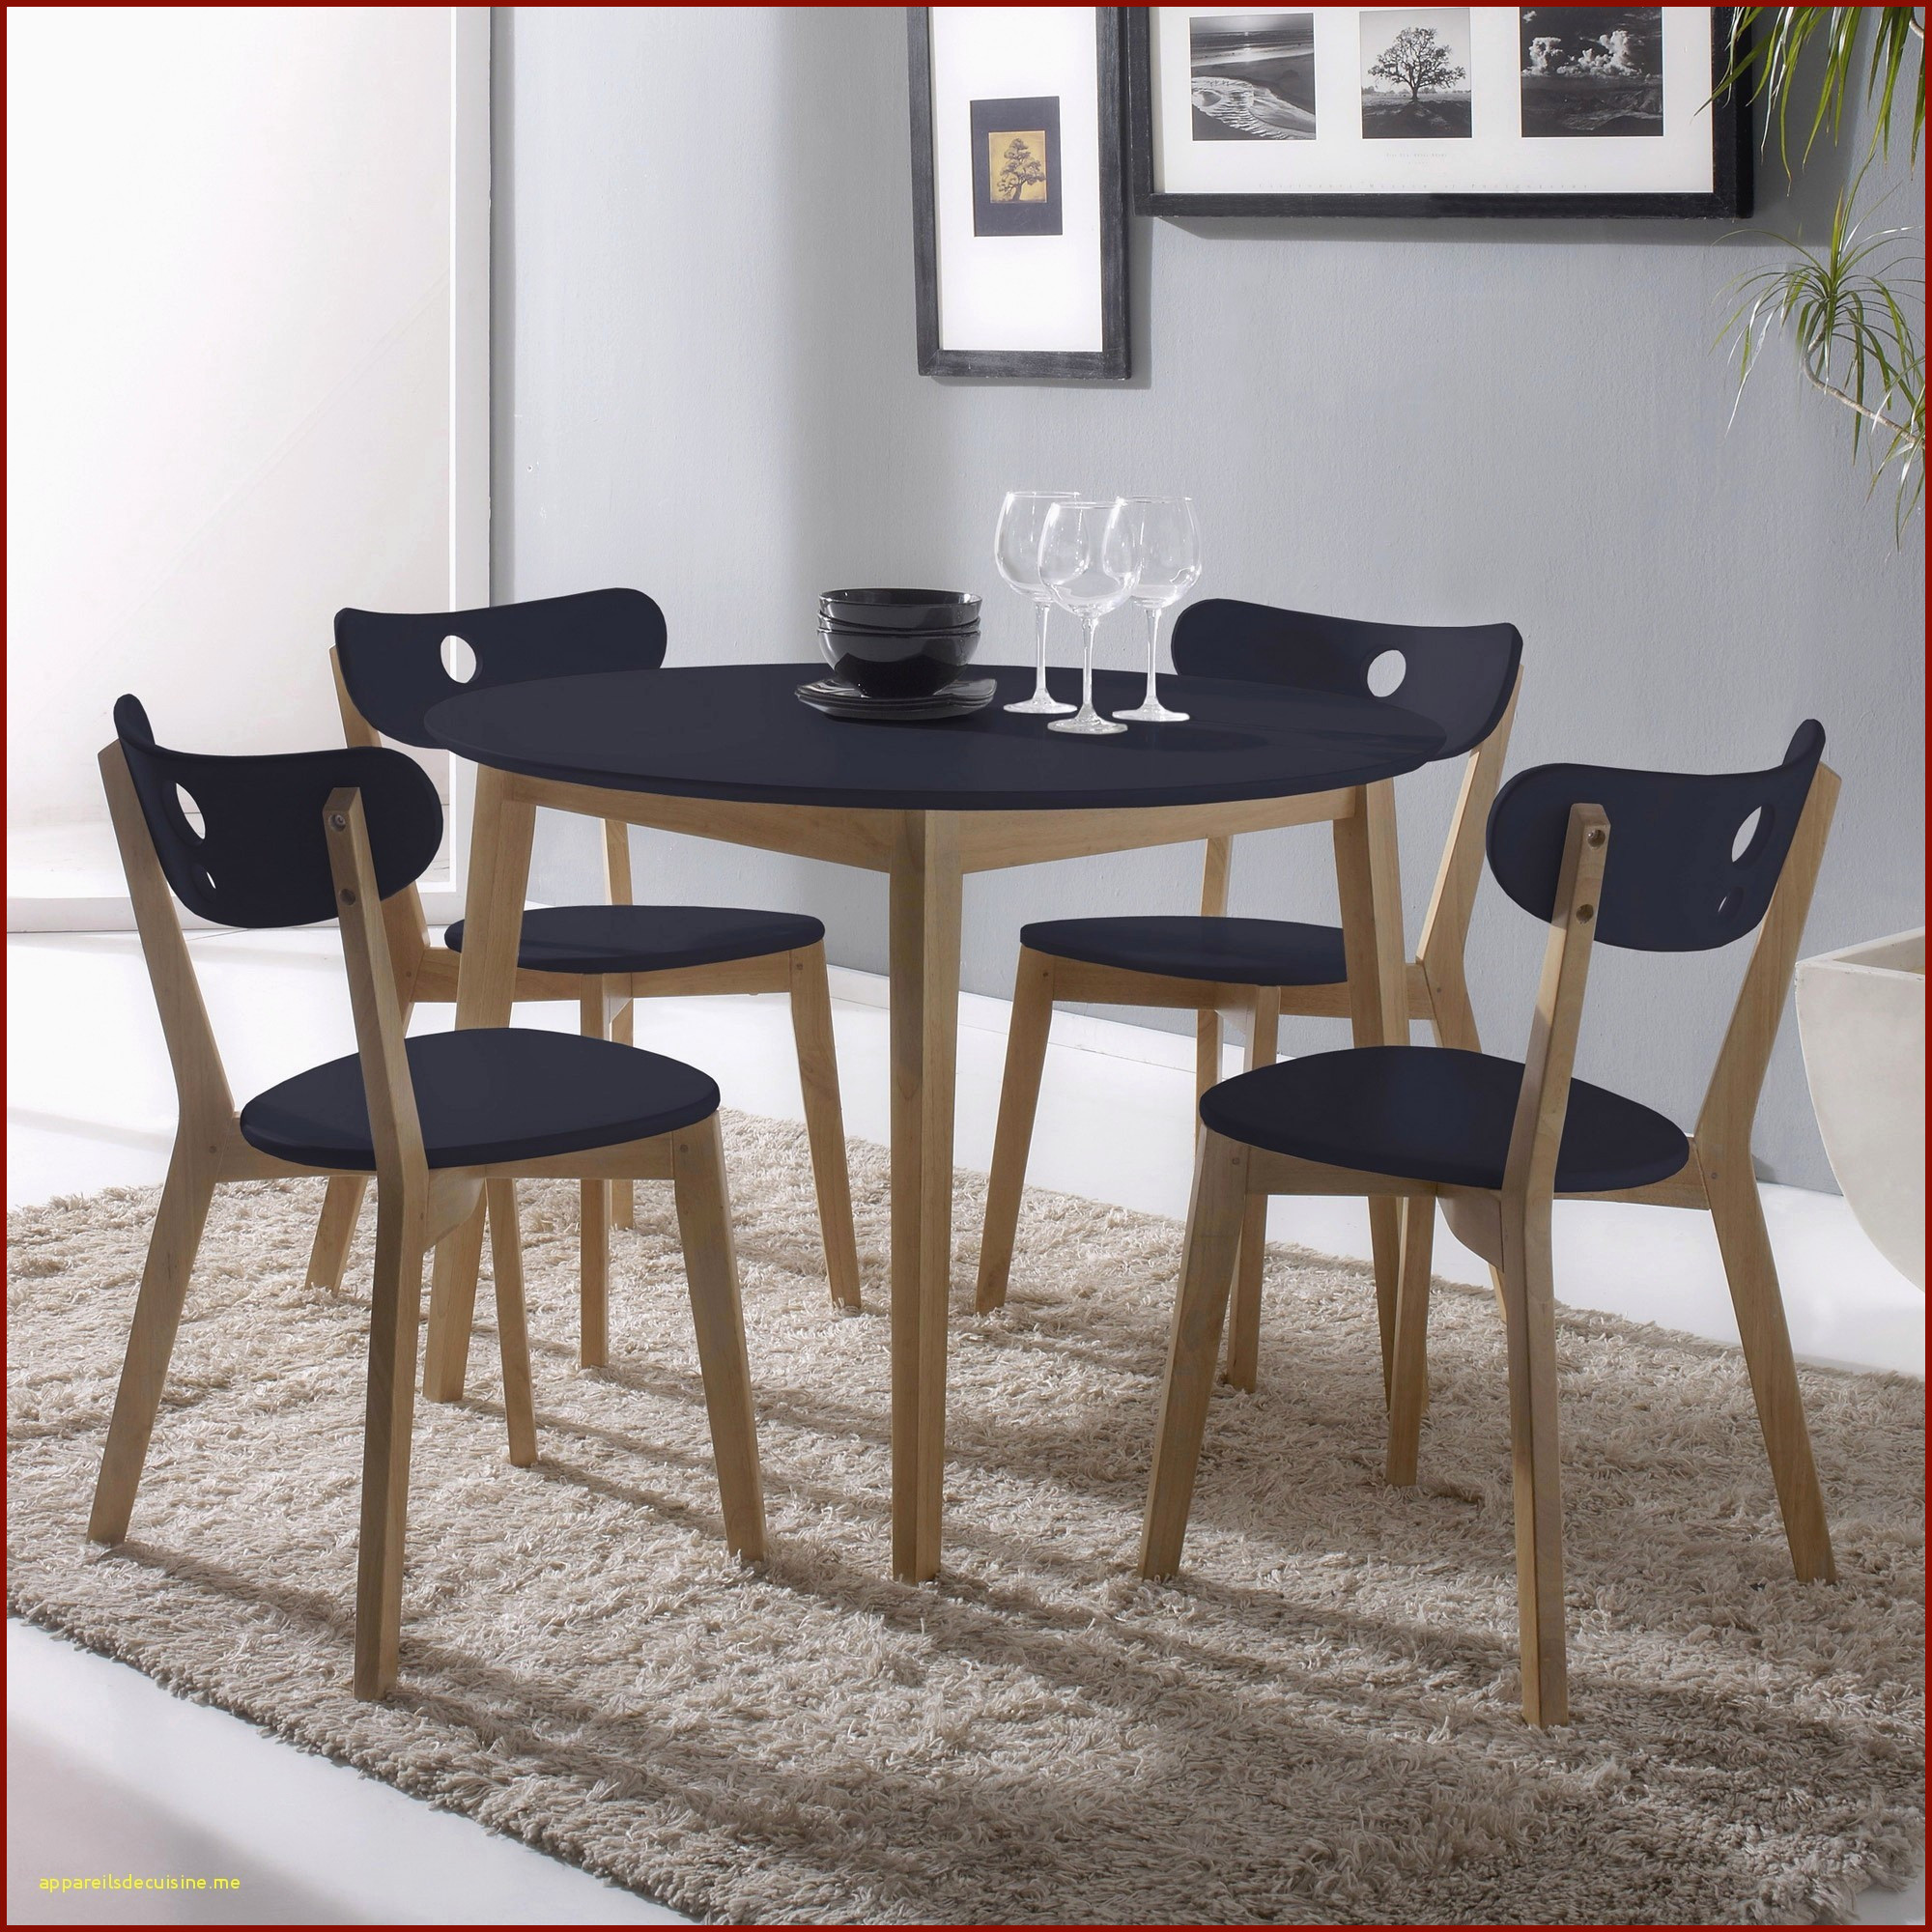 banc pour table de cuisine table pliante et banc luxury table basse terrasse de banc pour salon of banc pour table de cuisine